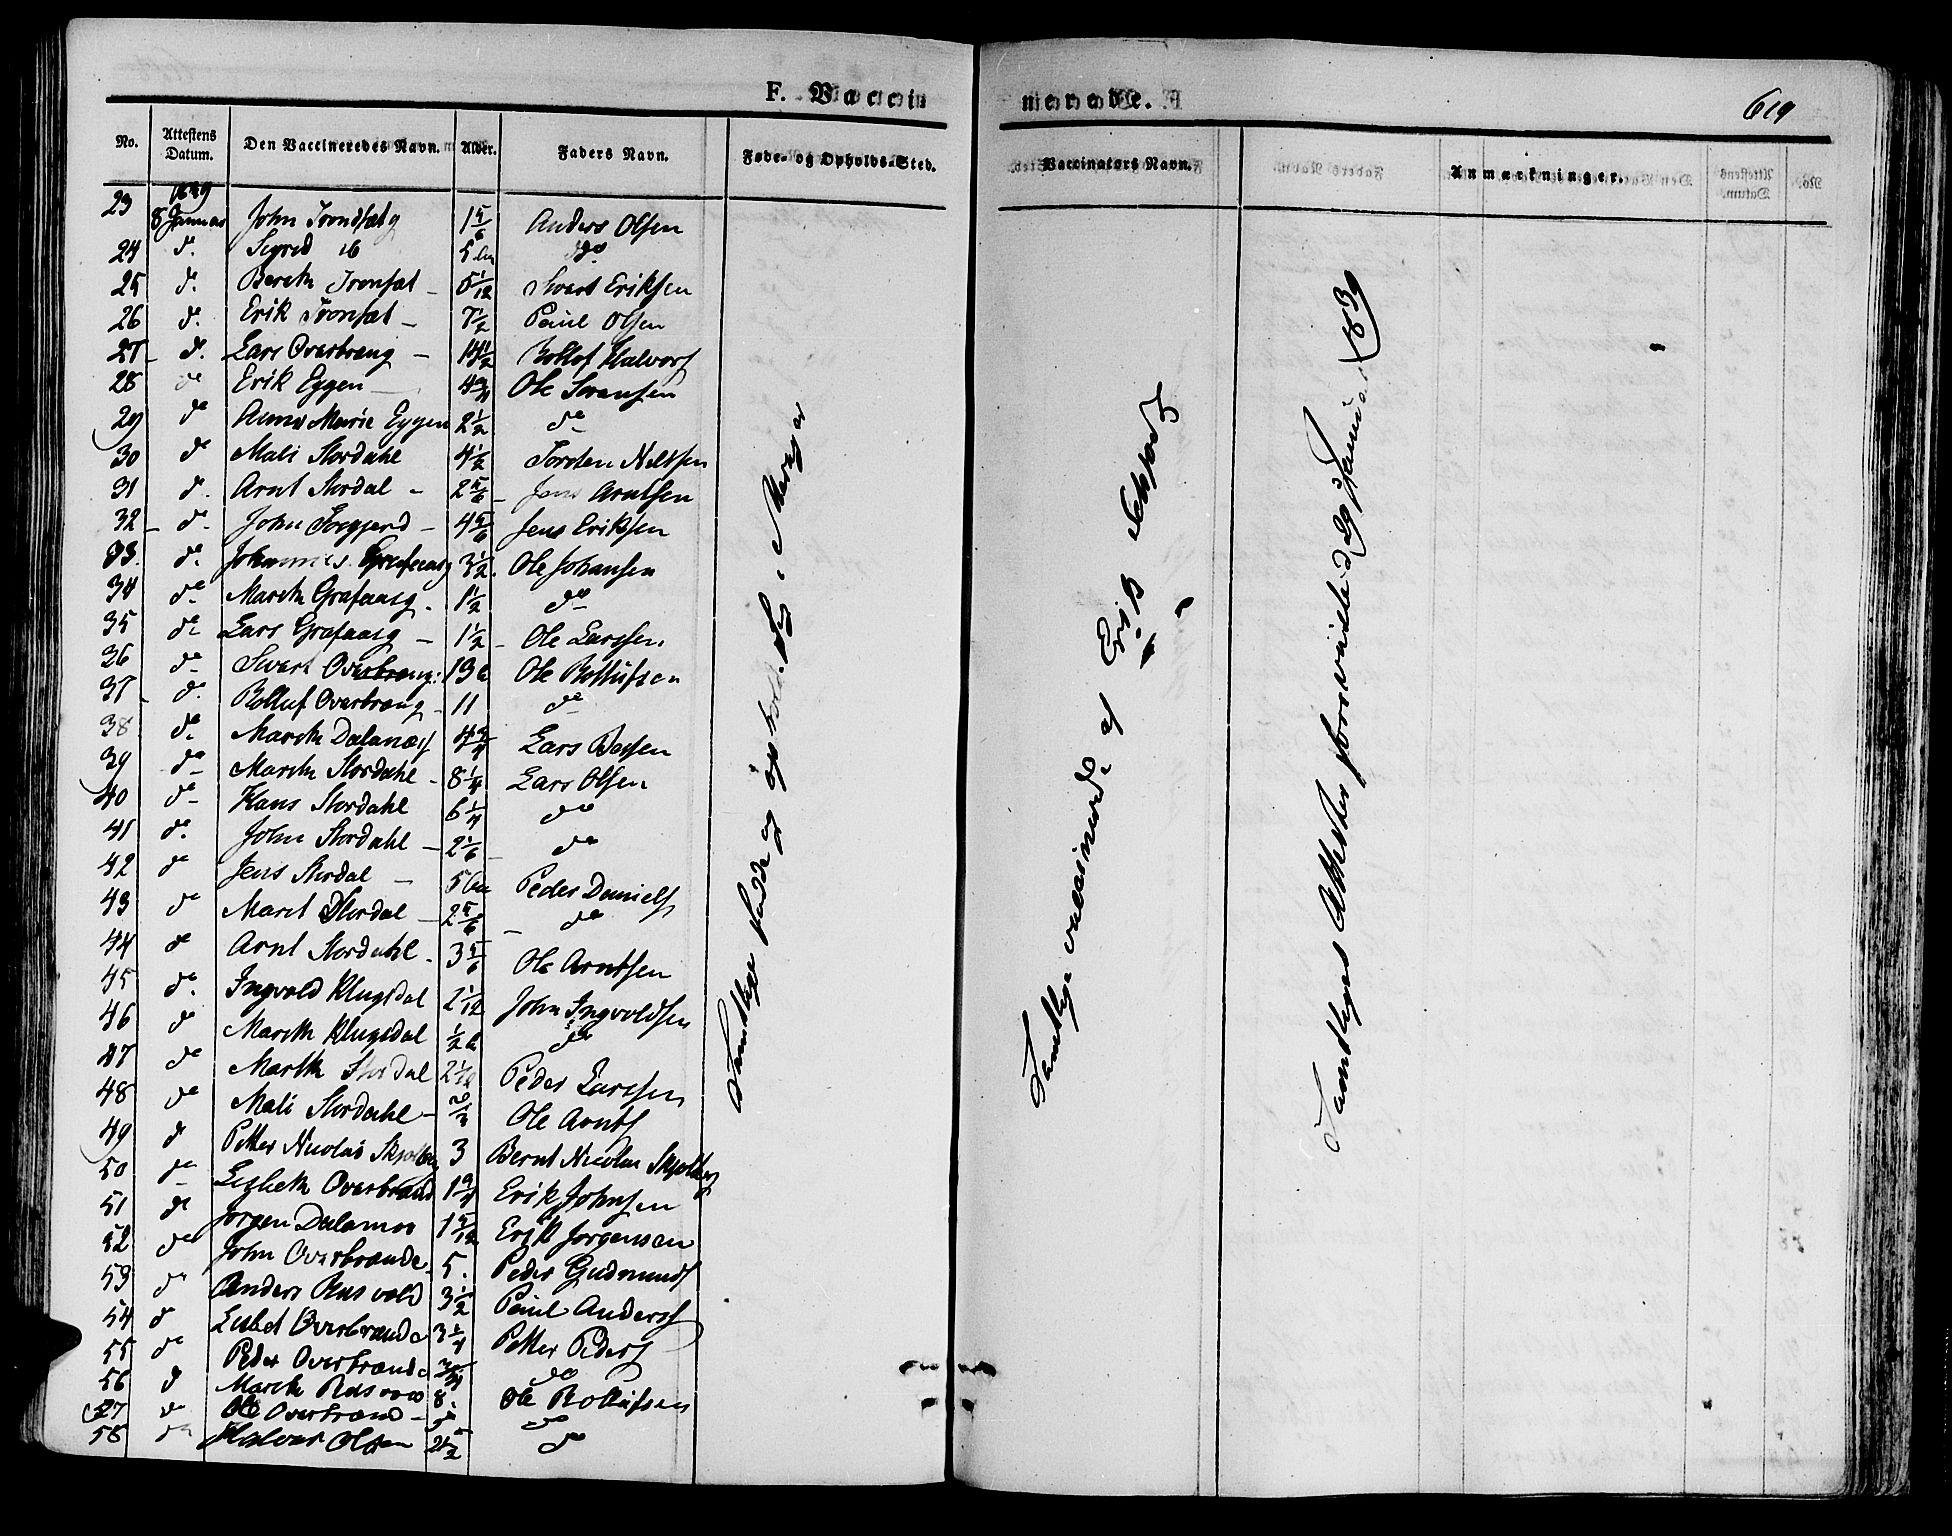 SAT, Ministerialprotokoller, klokkerbøker og fødselsregistre - Nord-Trøndelag, 709/L0072: Ministerialbok nr. 709A12, 1833-1844, s. 619